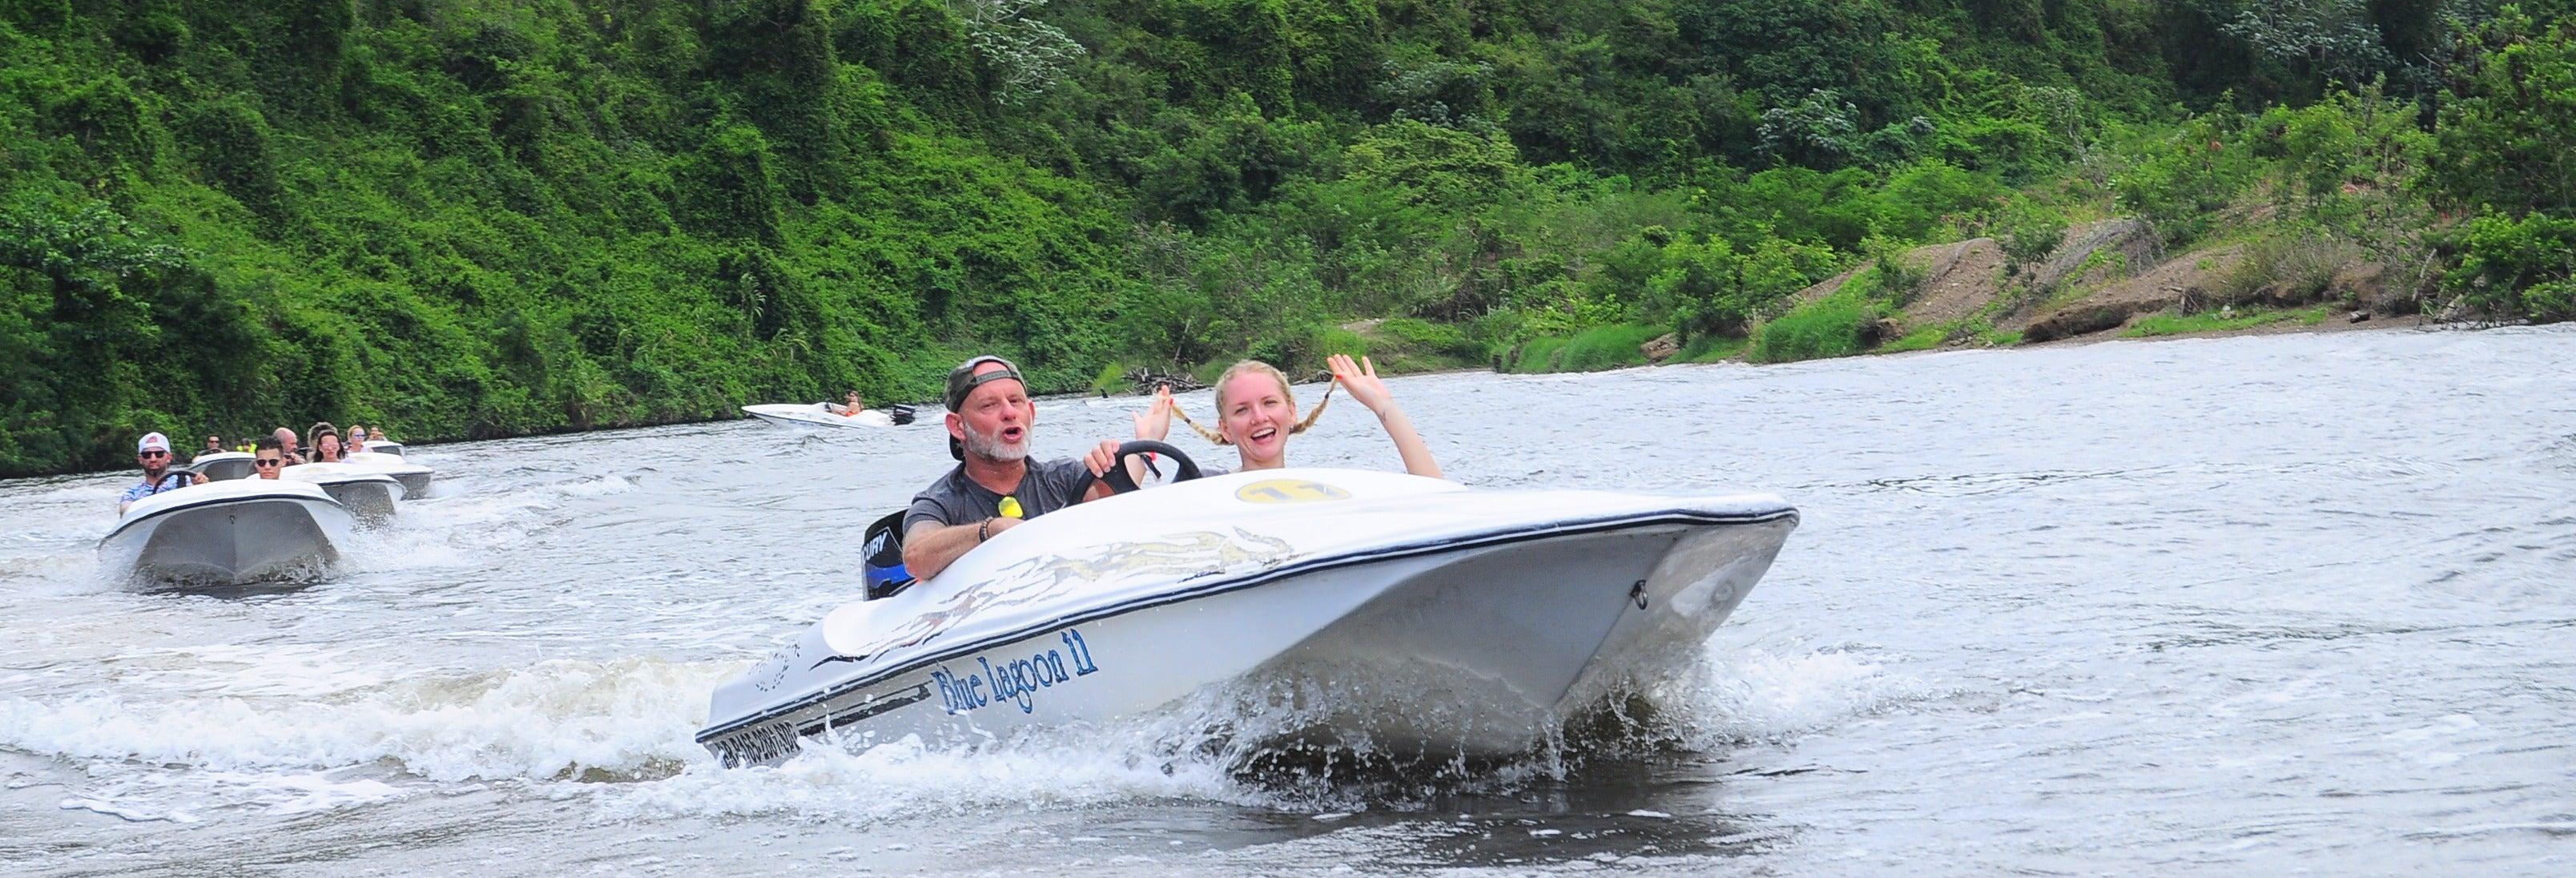 Pilotar lancha pelo rio Chavón